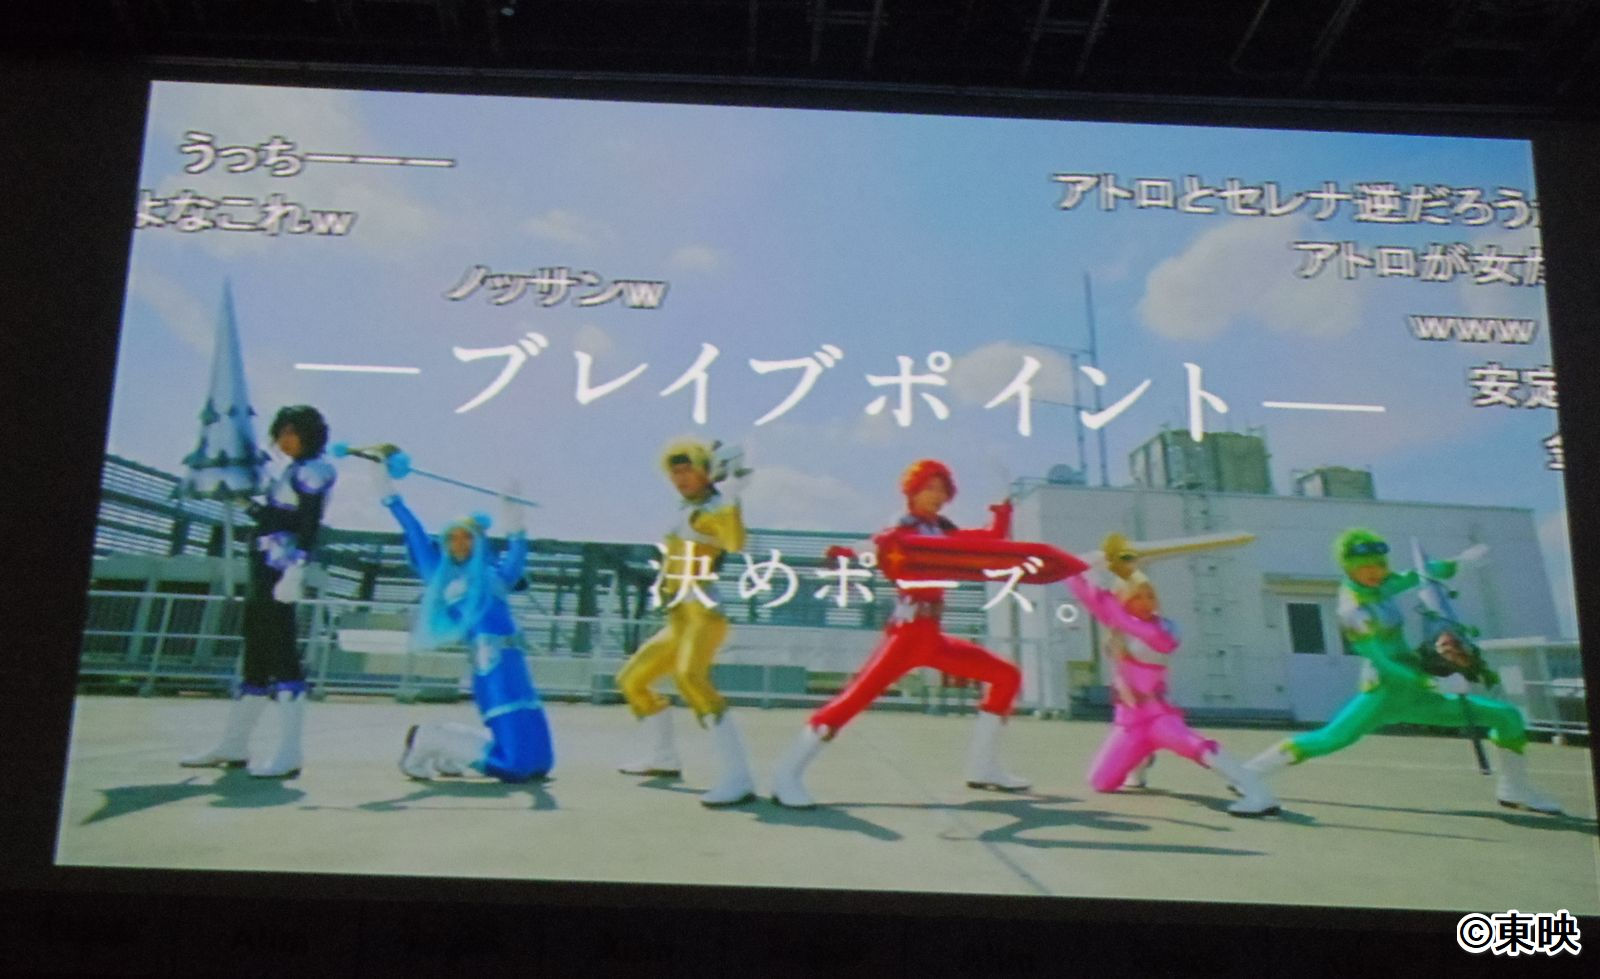 『ブレフロ2』2月22日に配信!衝撃の獣電戦隊キョウリュウジャーコラボが展開!!